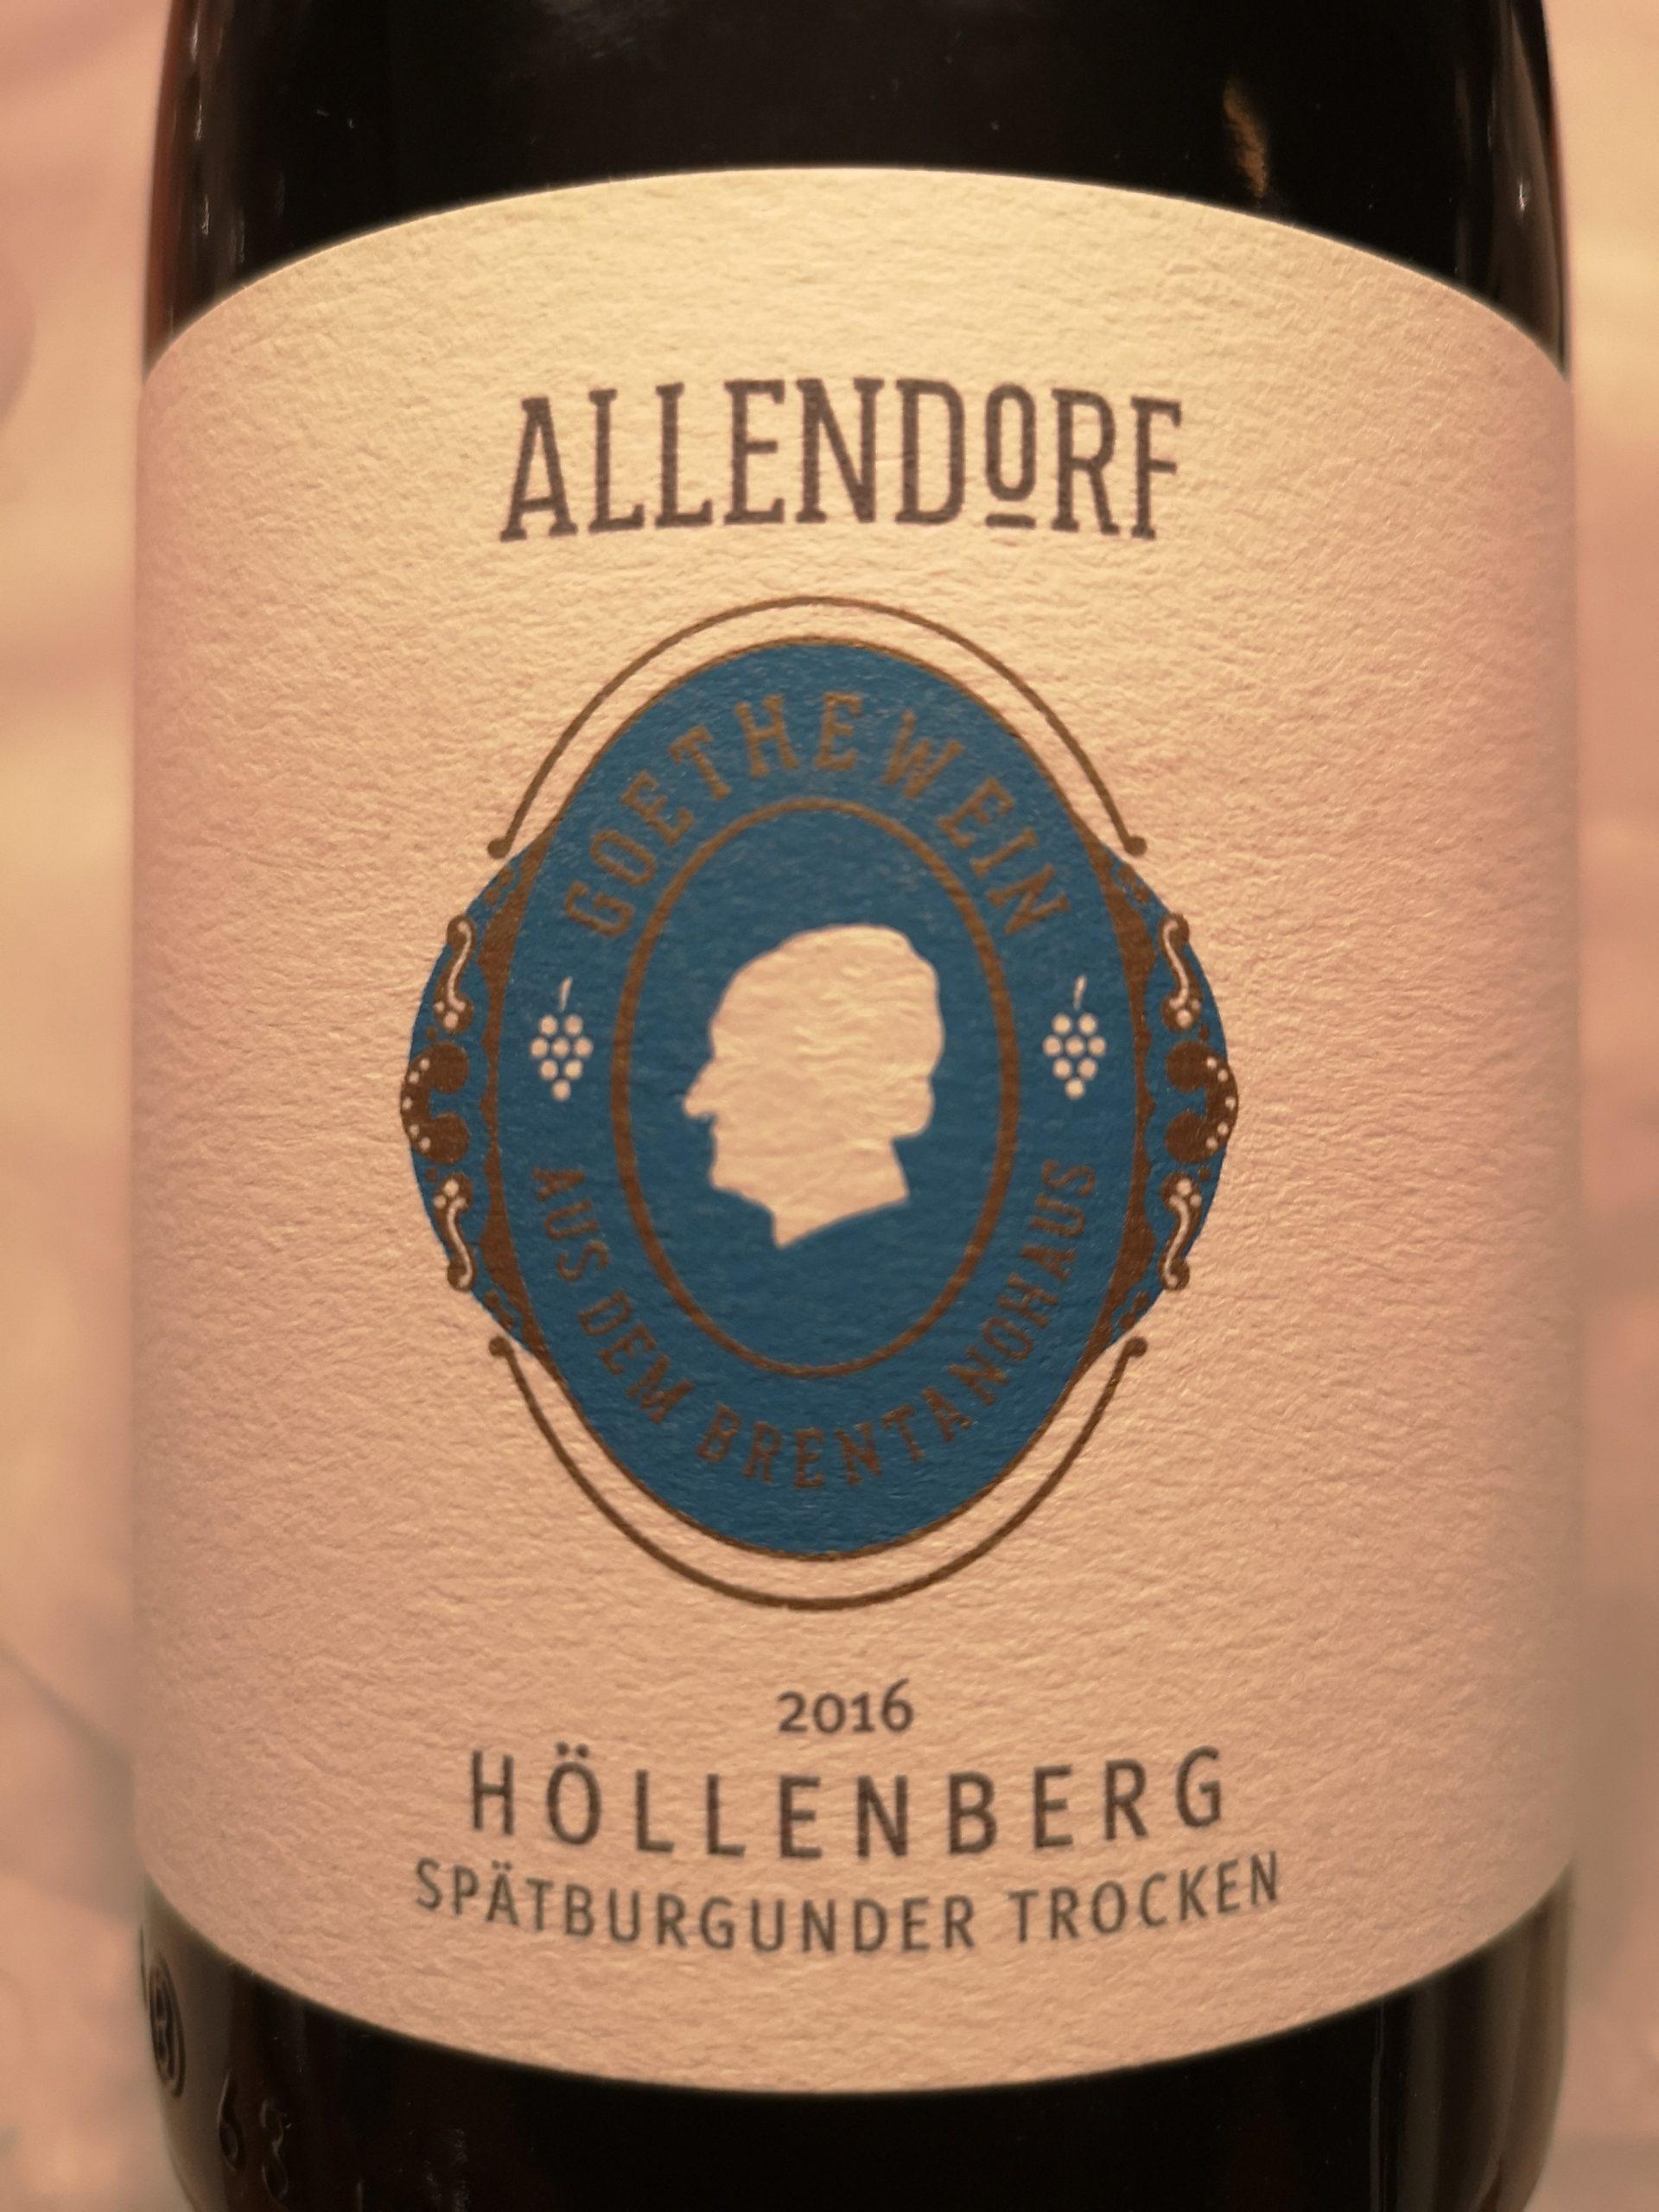 2016 Spätburgunder Höllenberg GG Goethewein | Allendorf